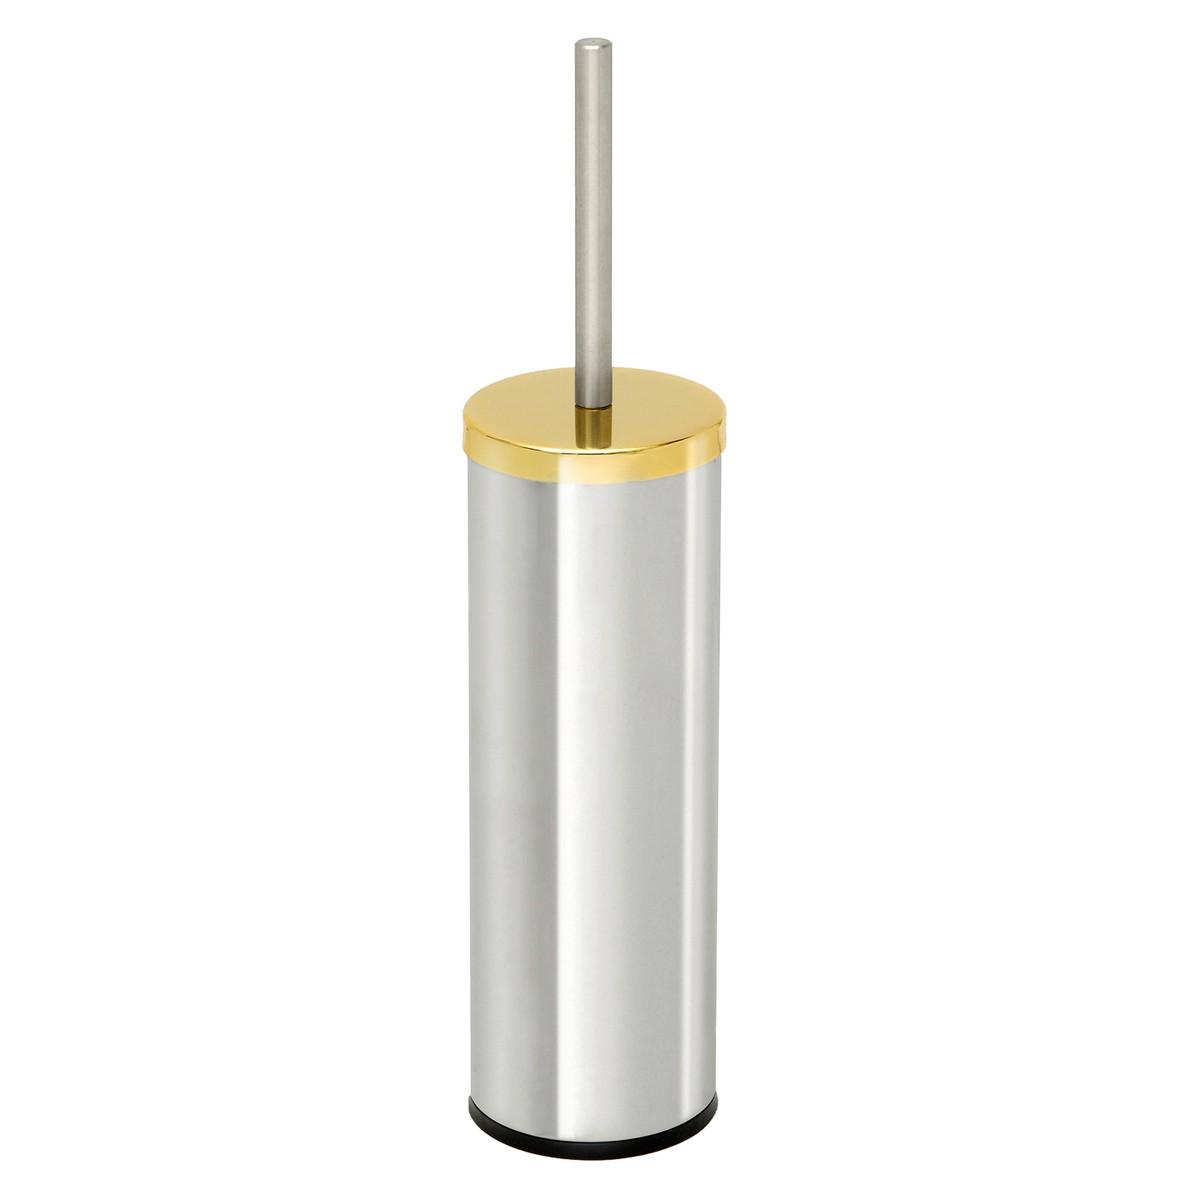 Πιγκάλ PamCo 632 Inox/Gold